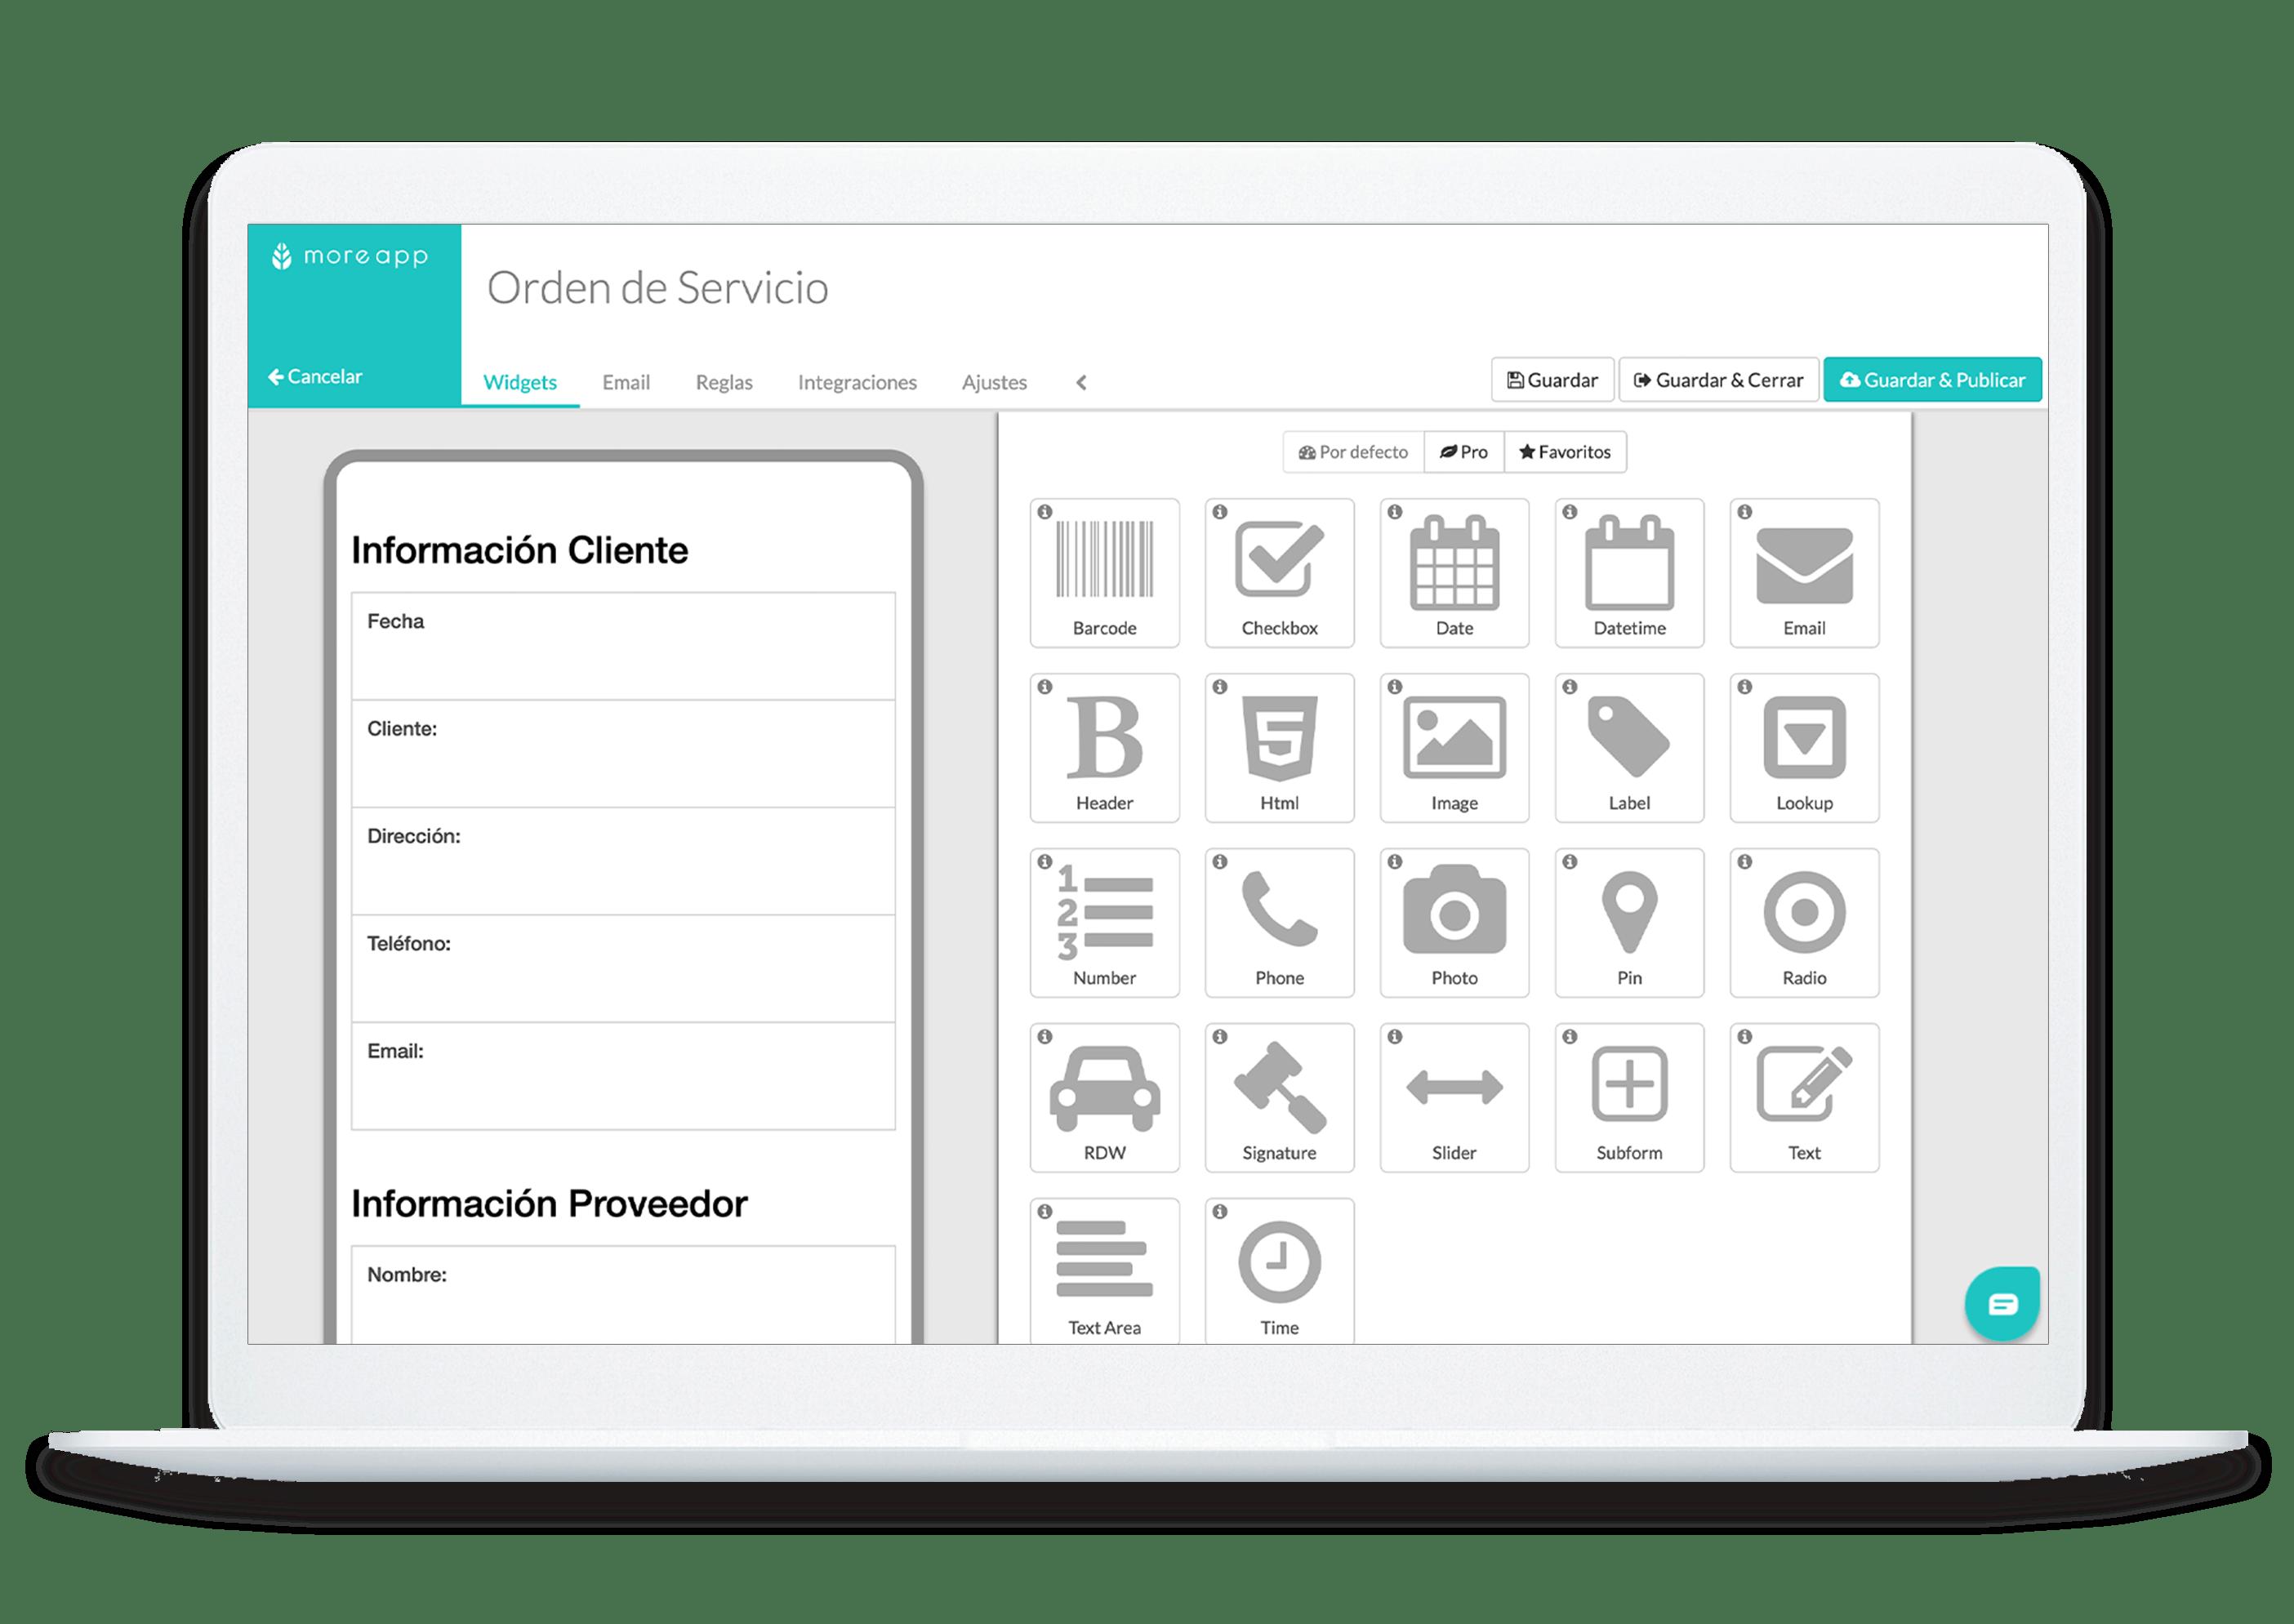 Orden de Servicio Plataforma MoreApp